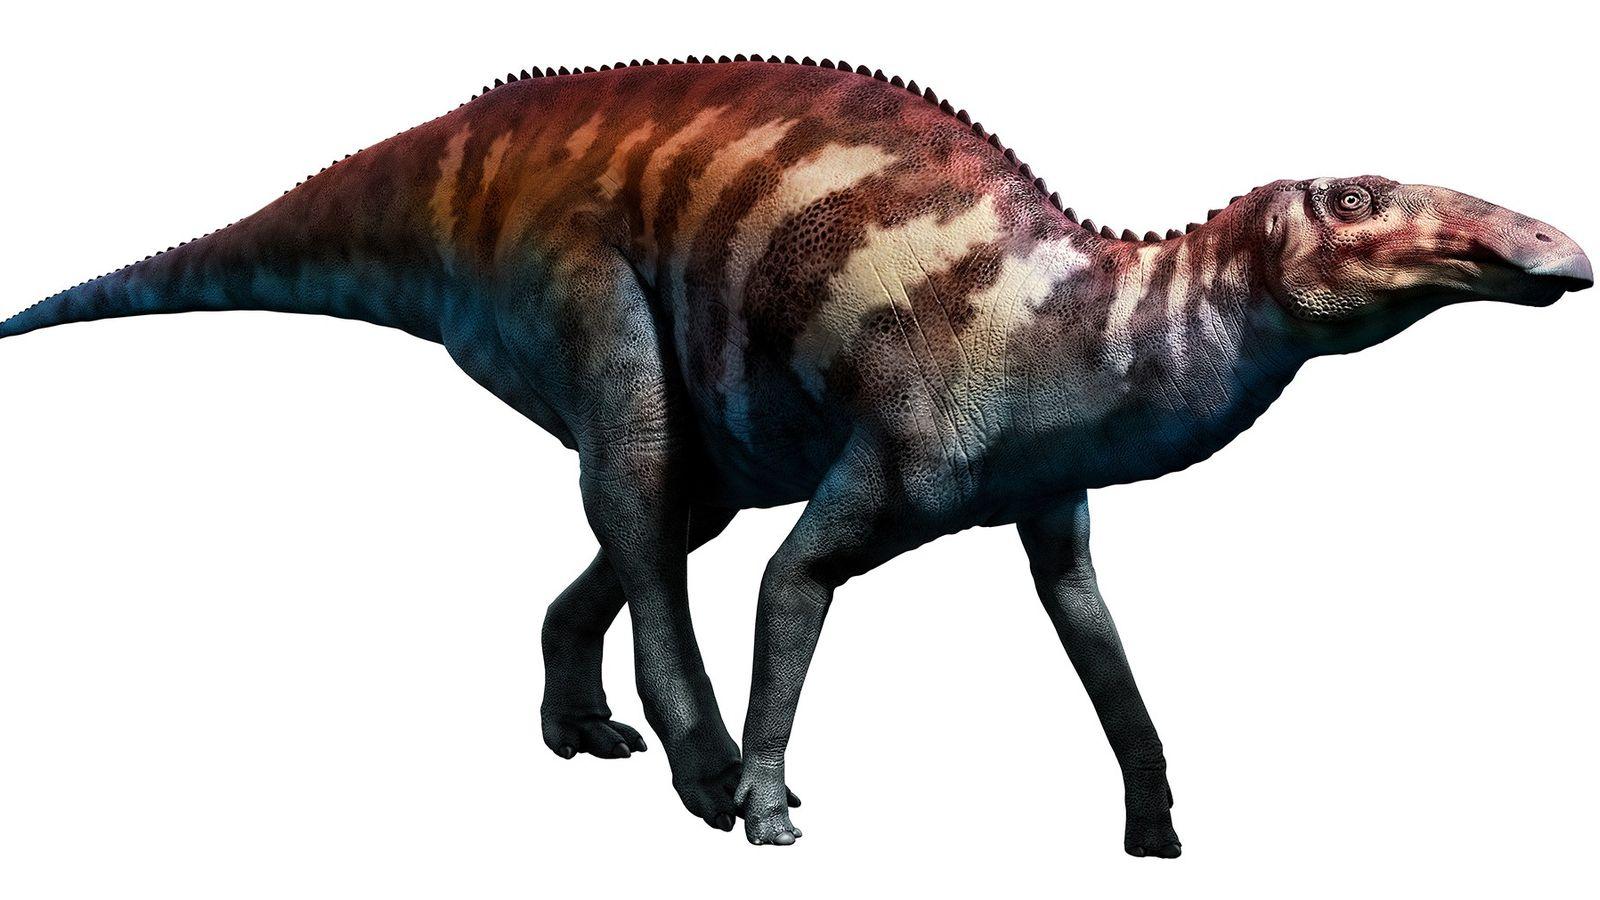 Edmontosaurus annectens (etwa: die verbundene Echse aus Edmonton)